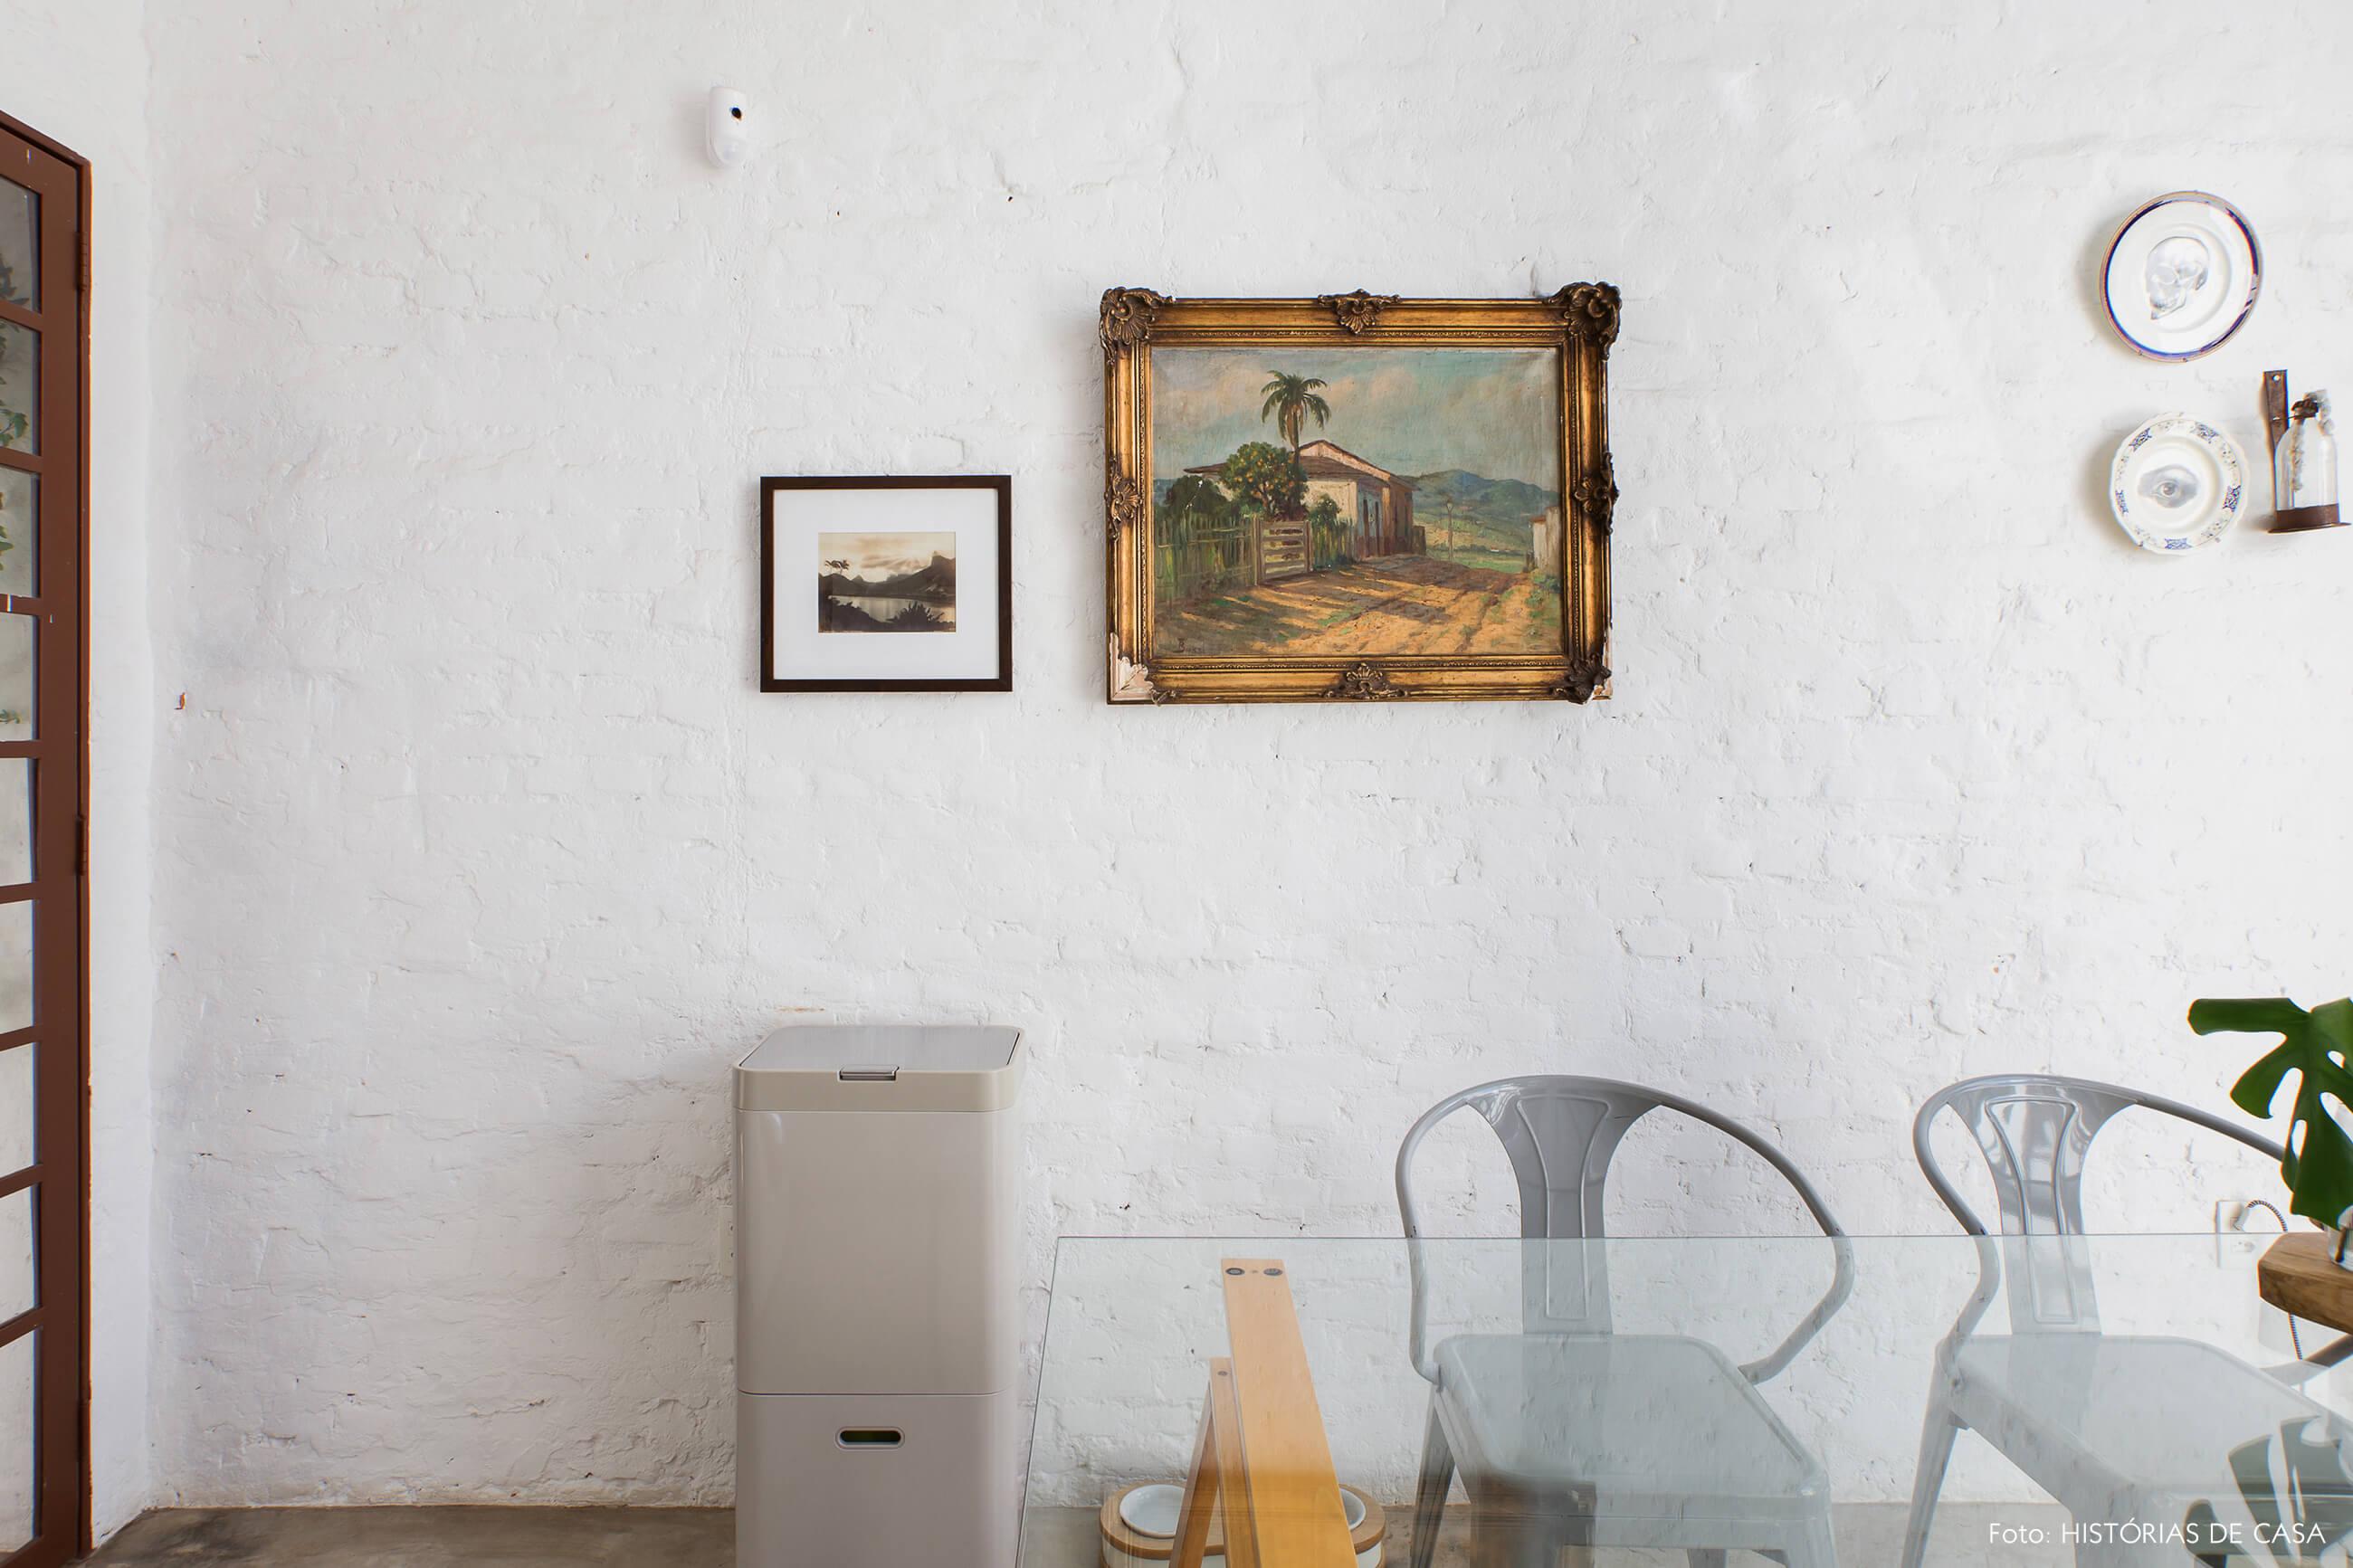 Cozinha com parede de tijolinhos brancos e quadros